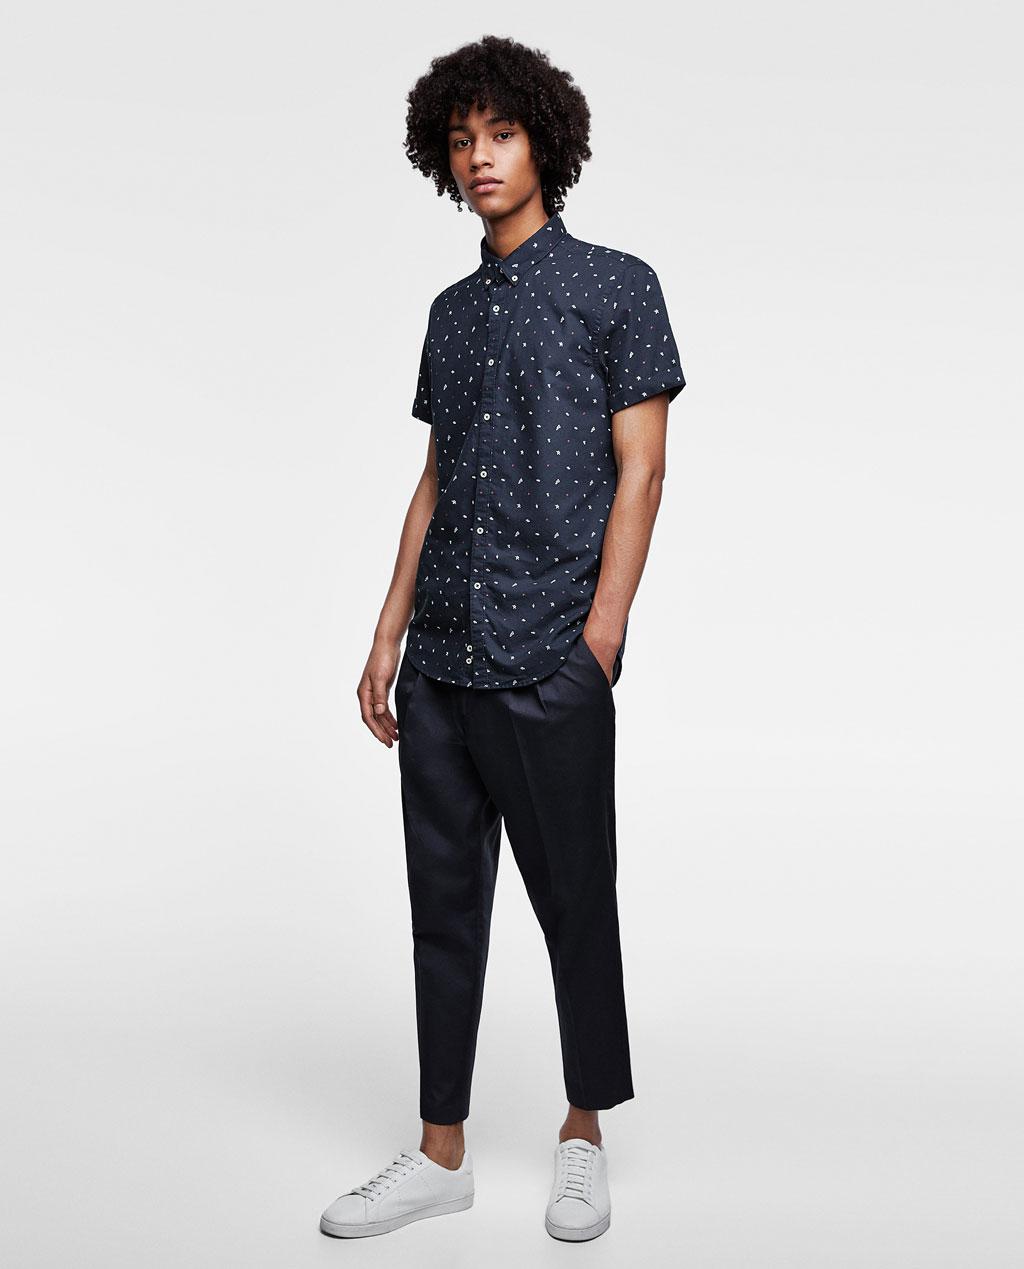 Thời trang nam Zara  24059 - ảnh 3